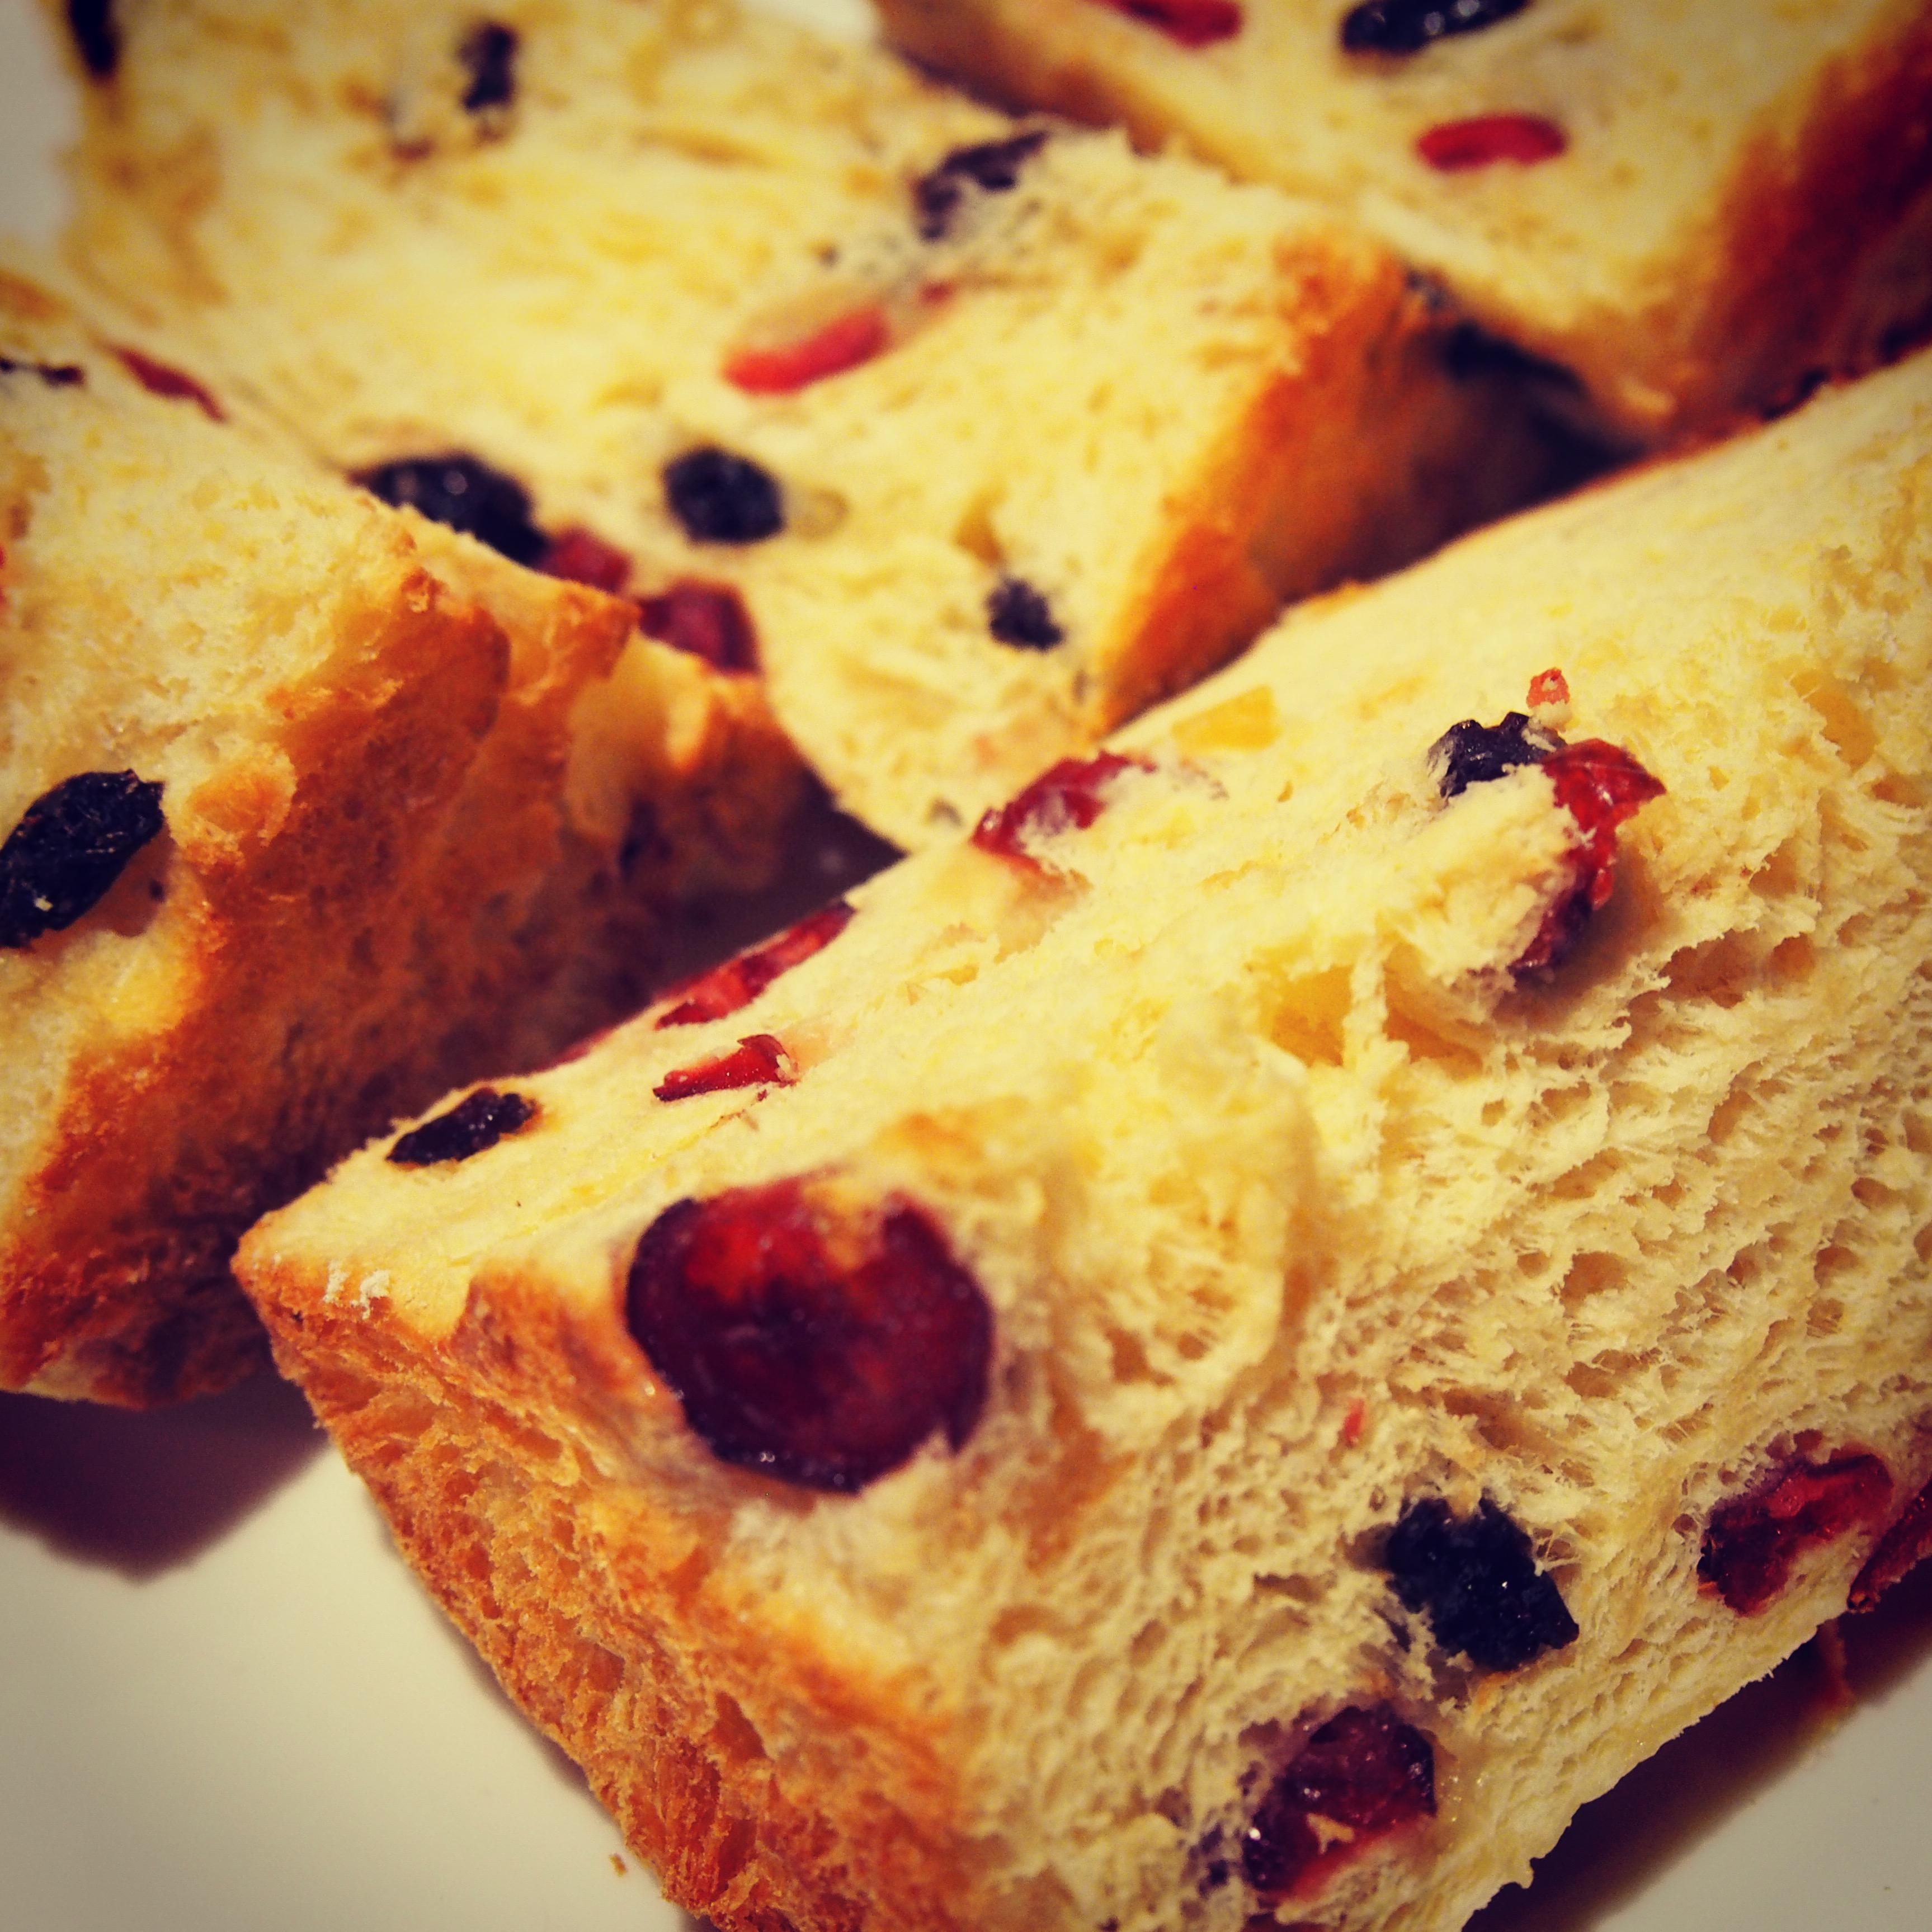 クリスマス♪イタリアの伝統菓子パン『パネトーネ』作りました!